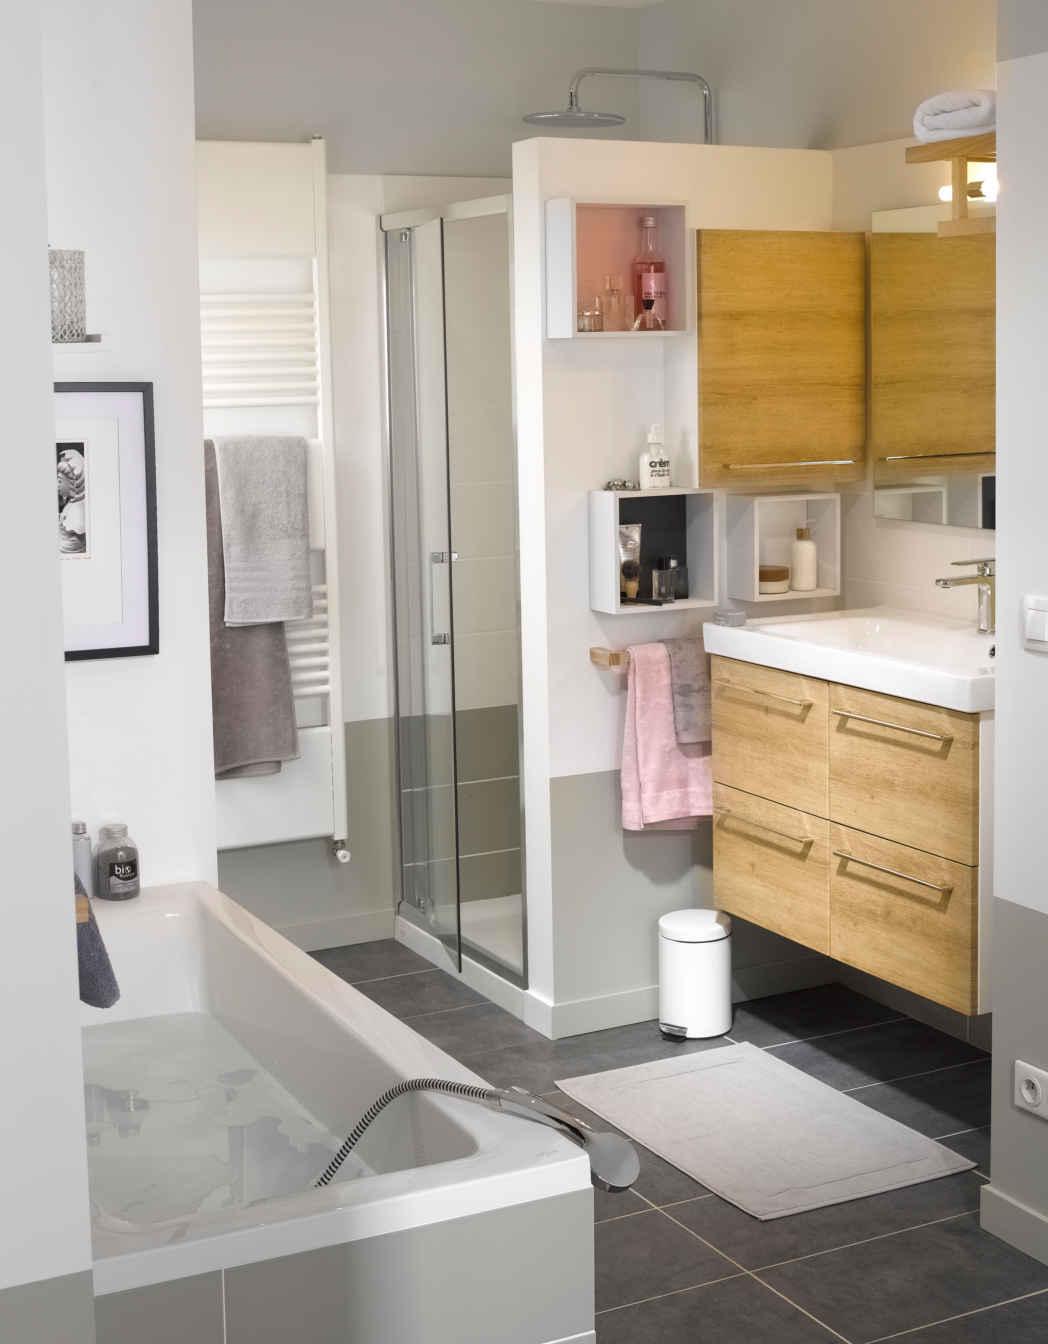 amenagement de douche best amenagement douche italienne douche with amenagement de douche. Black Bedroom Furniture Sets. Home Design Ideas